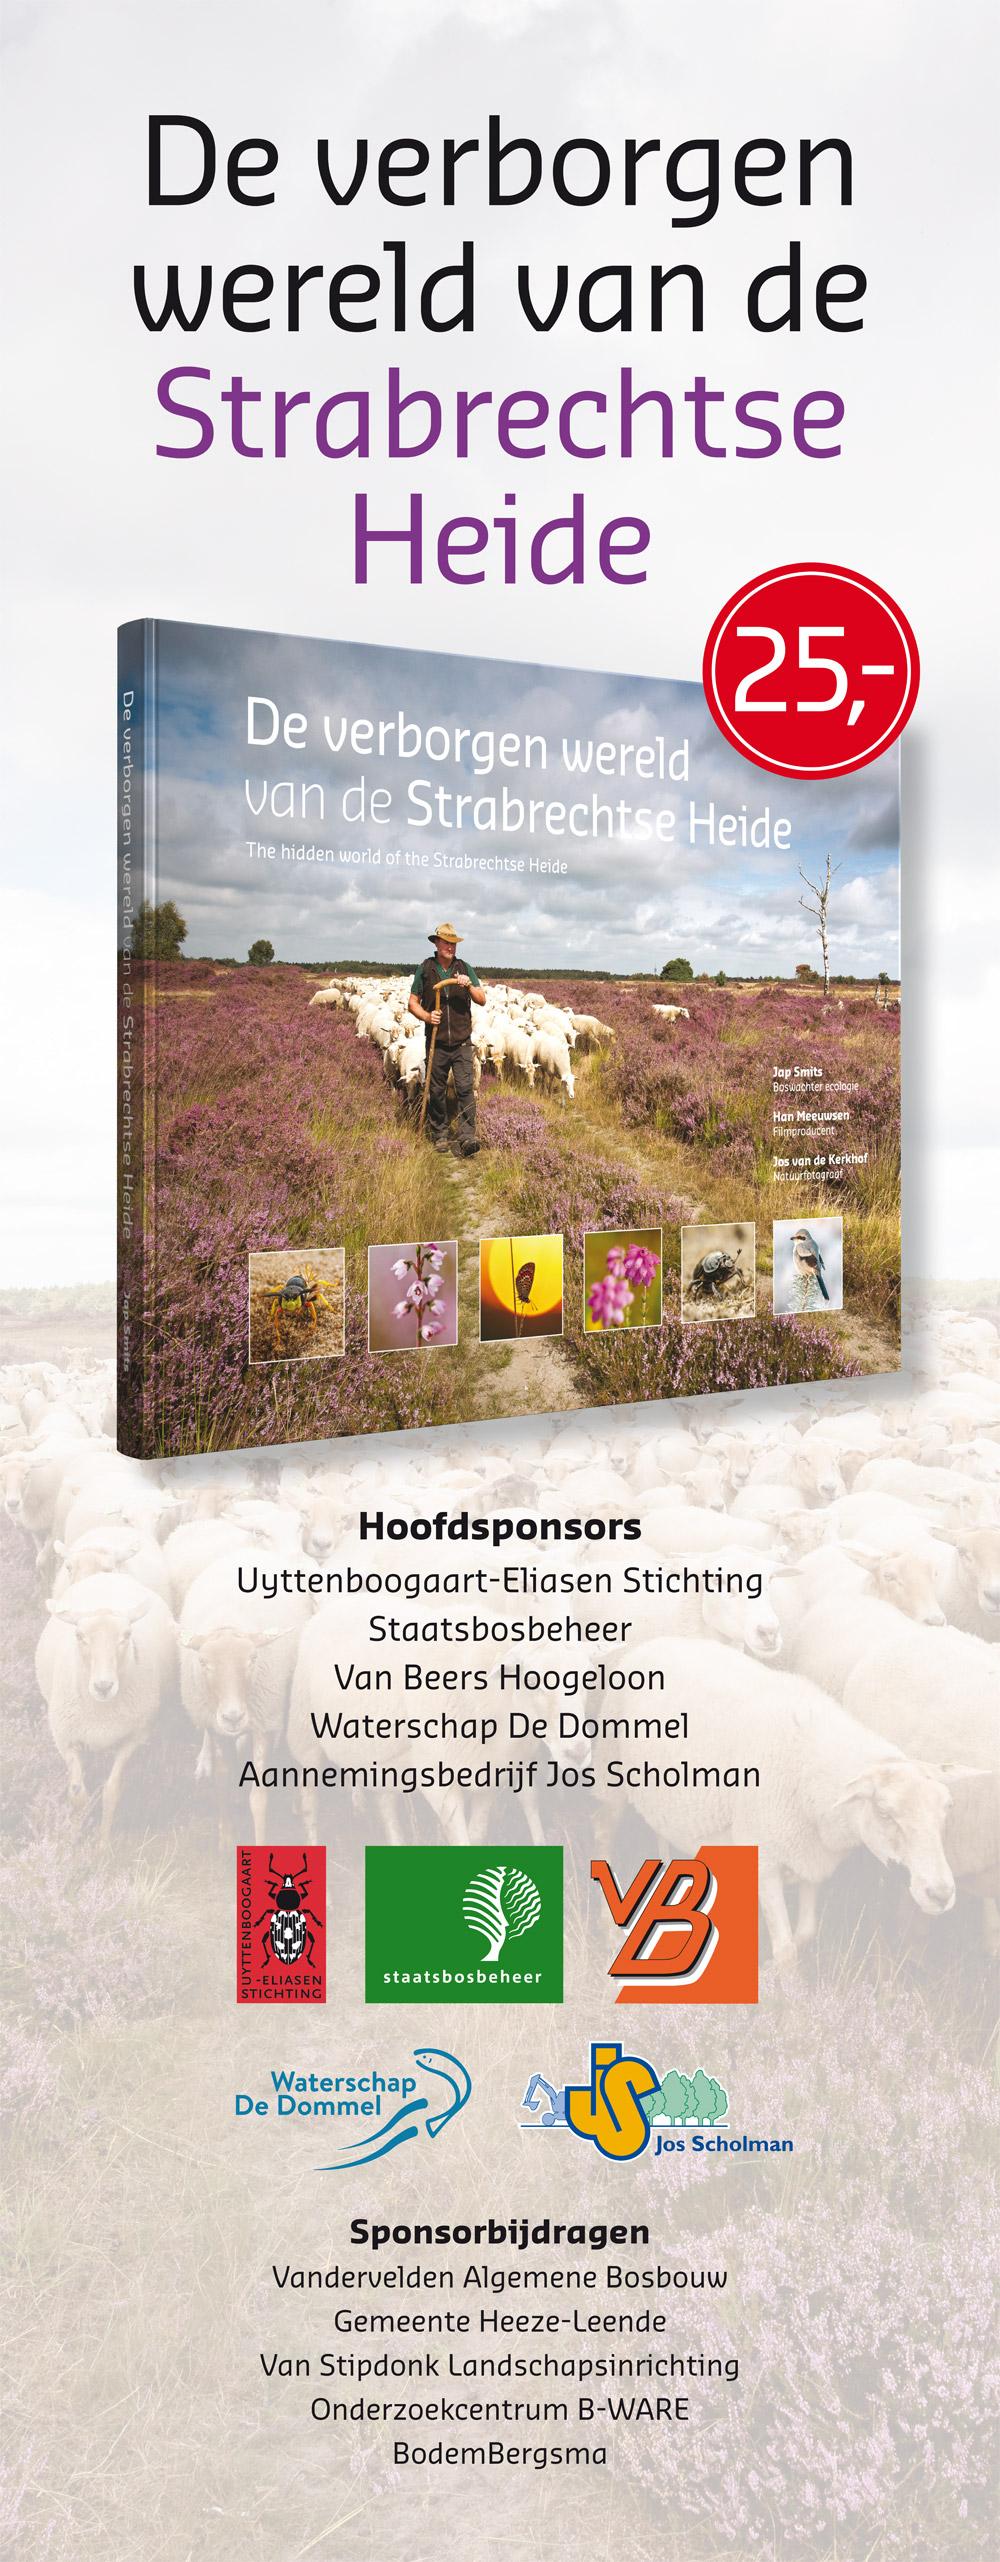 Boek 'De verborgen wereld van de Strabrechtse Heide' - Banner